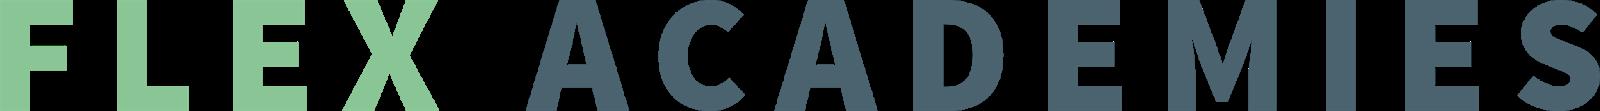 Flex new logo.png